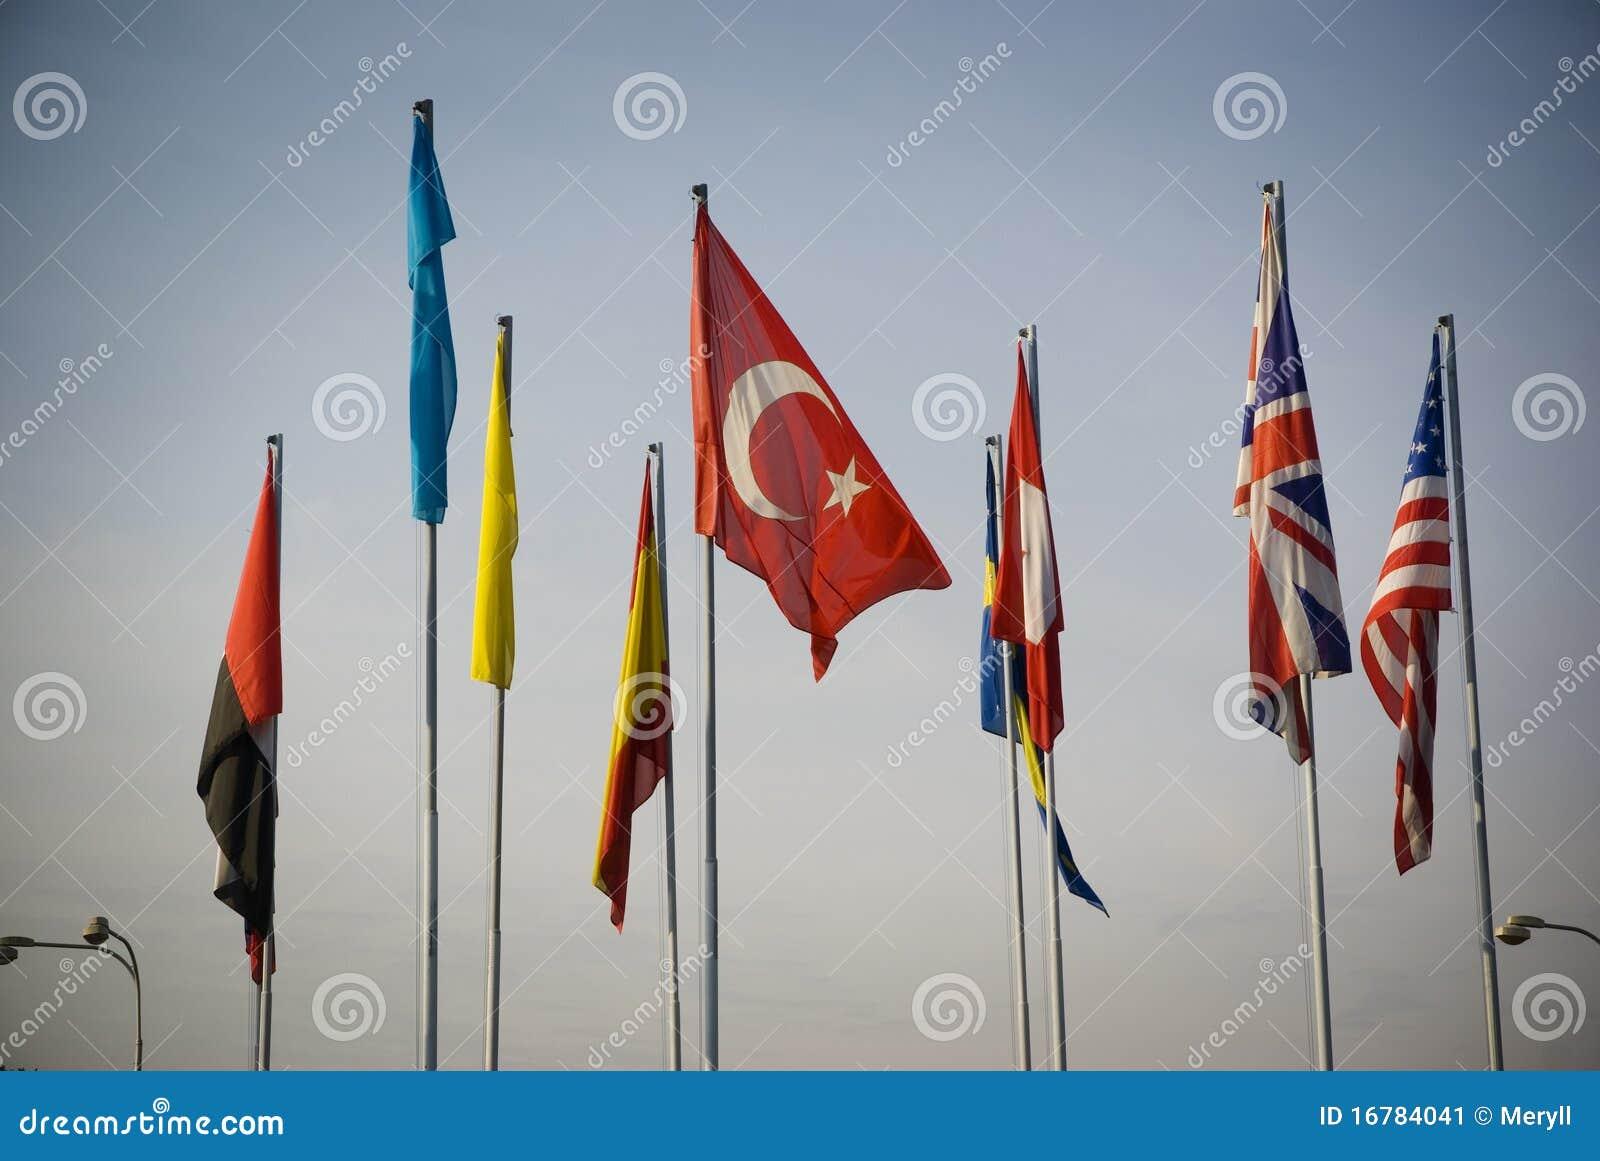 Indicadores internacionales turcos del indicador